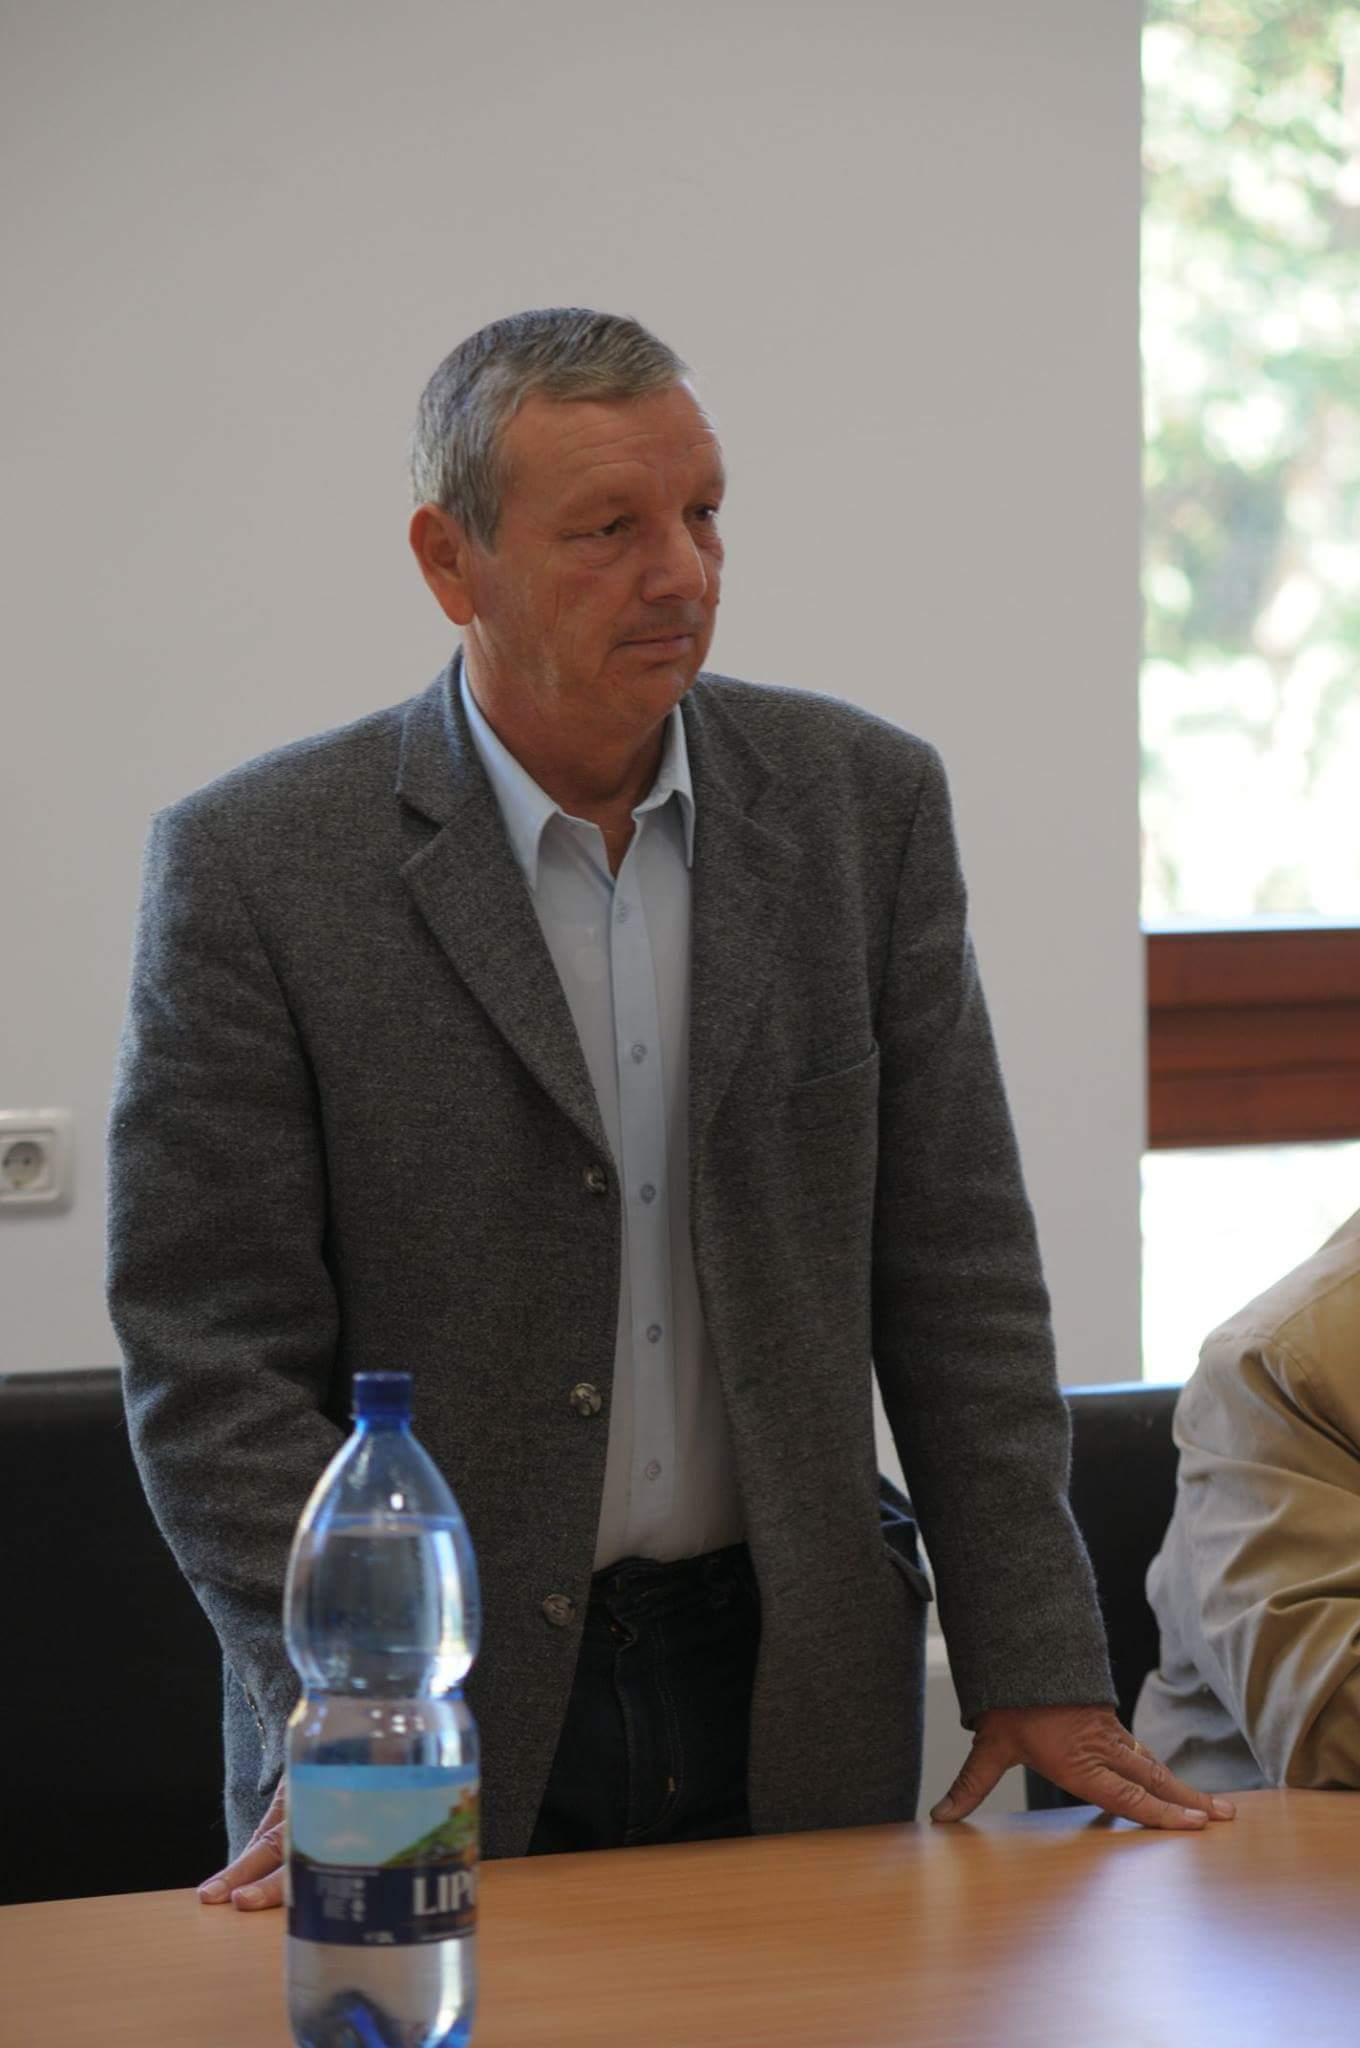 Primarul Mircea Iosif Jichici a raspuns la toate intrebarile primite din partea pensionarilor